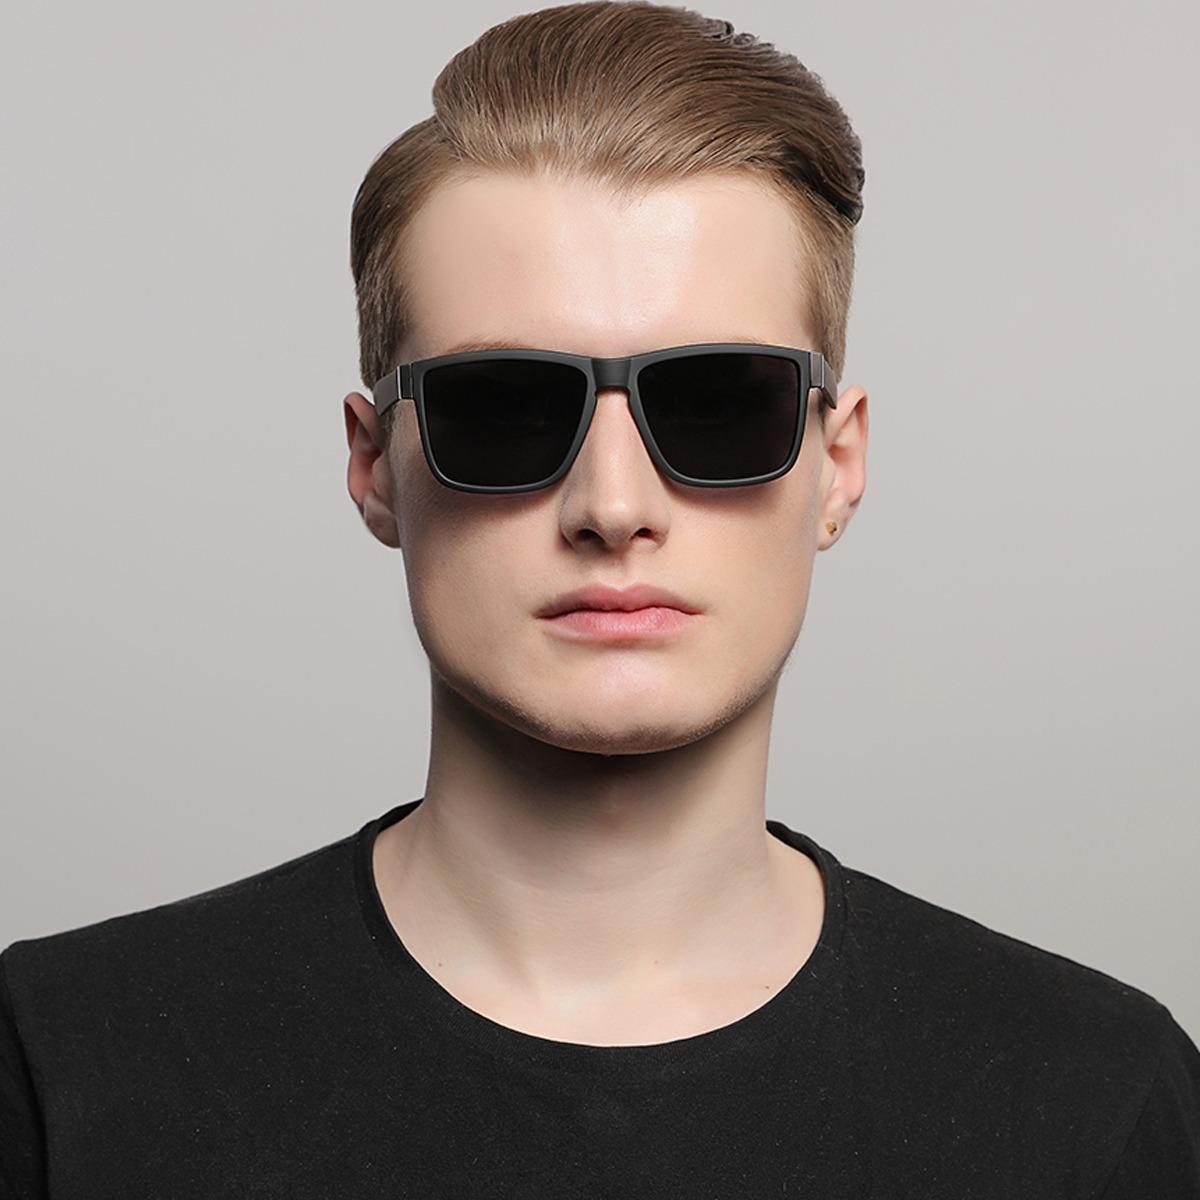 a42305420 óculos sol masculino espelhado 2020 vintage oculos masculino. Carregando  zoom.